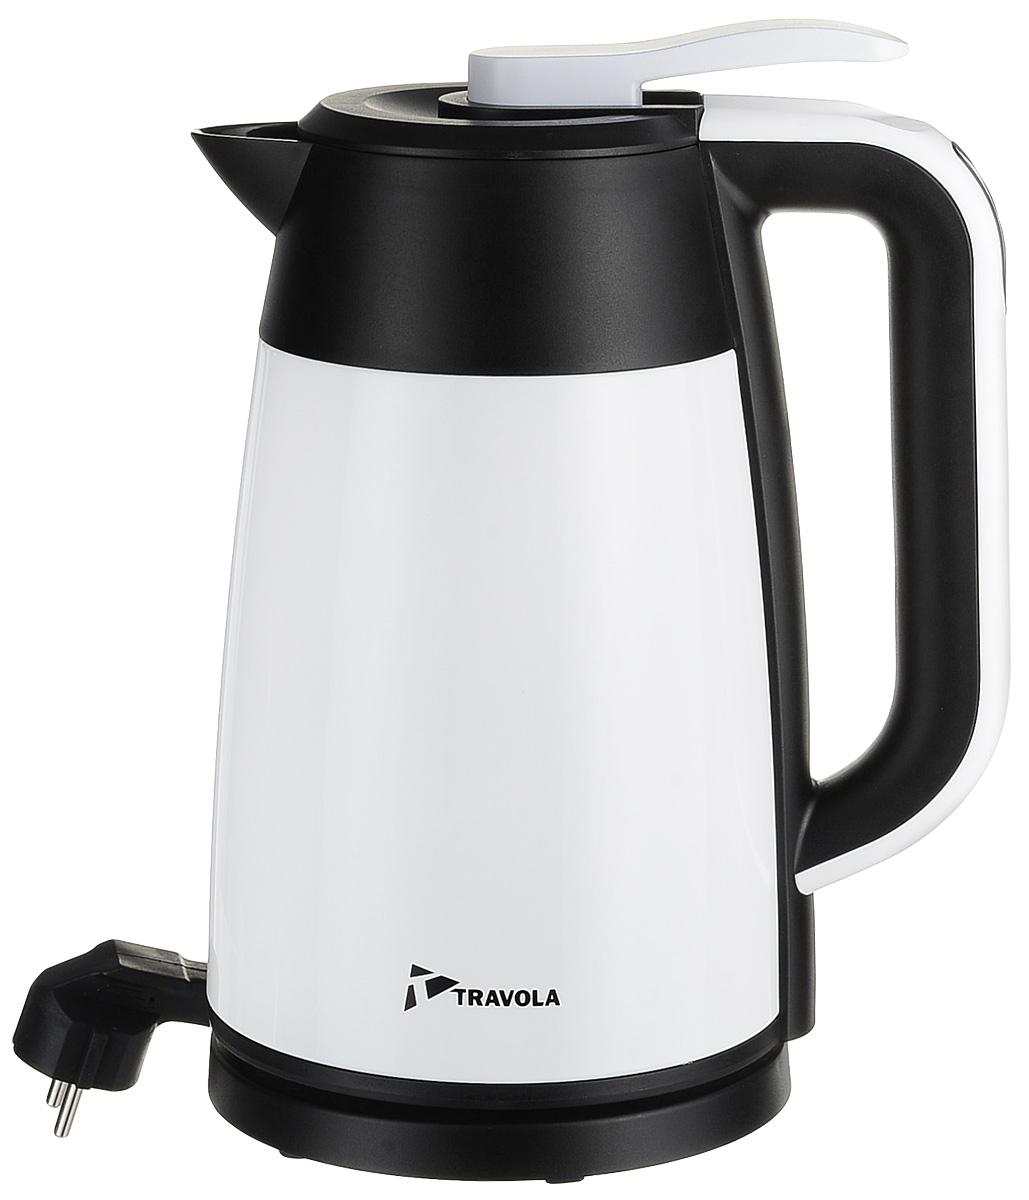 Travola 1700-3A чайник электрический с функцией поддержания теплаHEK-1700-3AЭлектрический чайник с функцией поддержания тепла Travola HEK-1700-3A прост в управлении и долговечен в использовании. Изготовлен из высококачественных материалов. Мощность 2200 Вт позволит вскипятить 1,7 литра воды в считанные минуты. Беспроводное соединение позволяет вращать чайник на подставке на 360°. Для обеспечения безопасности при повседневном использовании предусмотрена функция автовыключения.Световой индикатор температуры на ручке Поддержание тепла: 2 часа - 80°С, 4 часа - 68°С